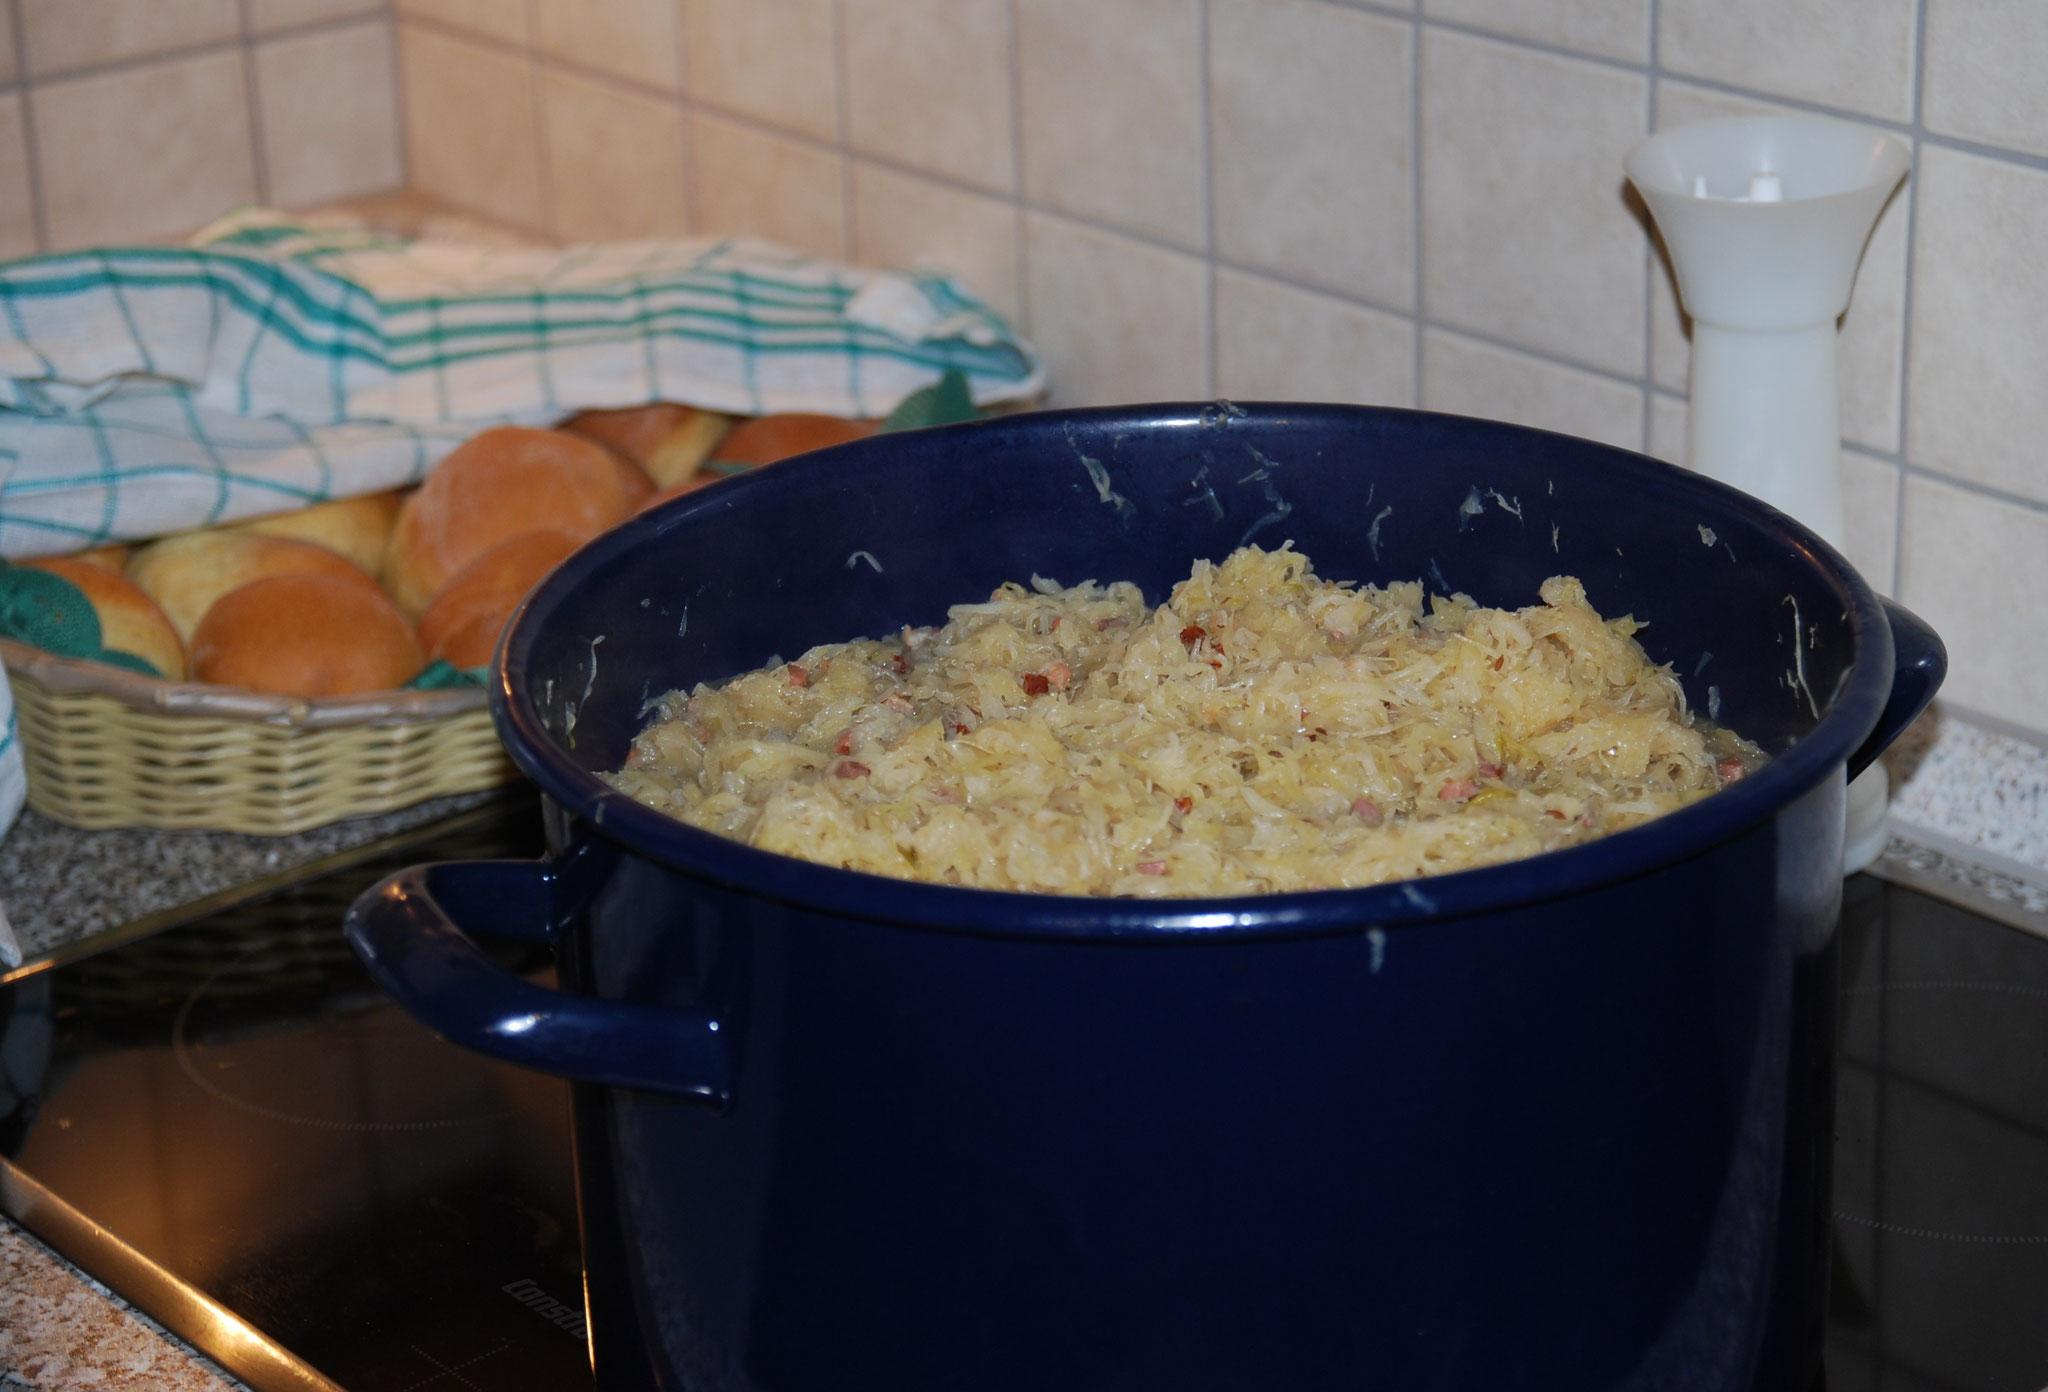 Bei der Ausstellungseröffnung wird passend zum Thema Sauerkraut angerichtet